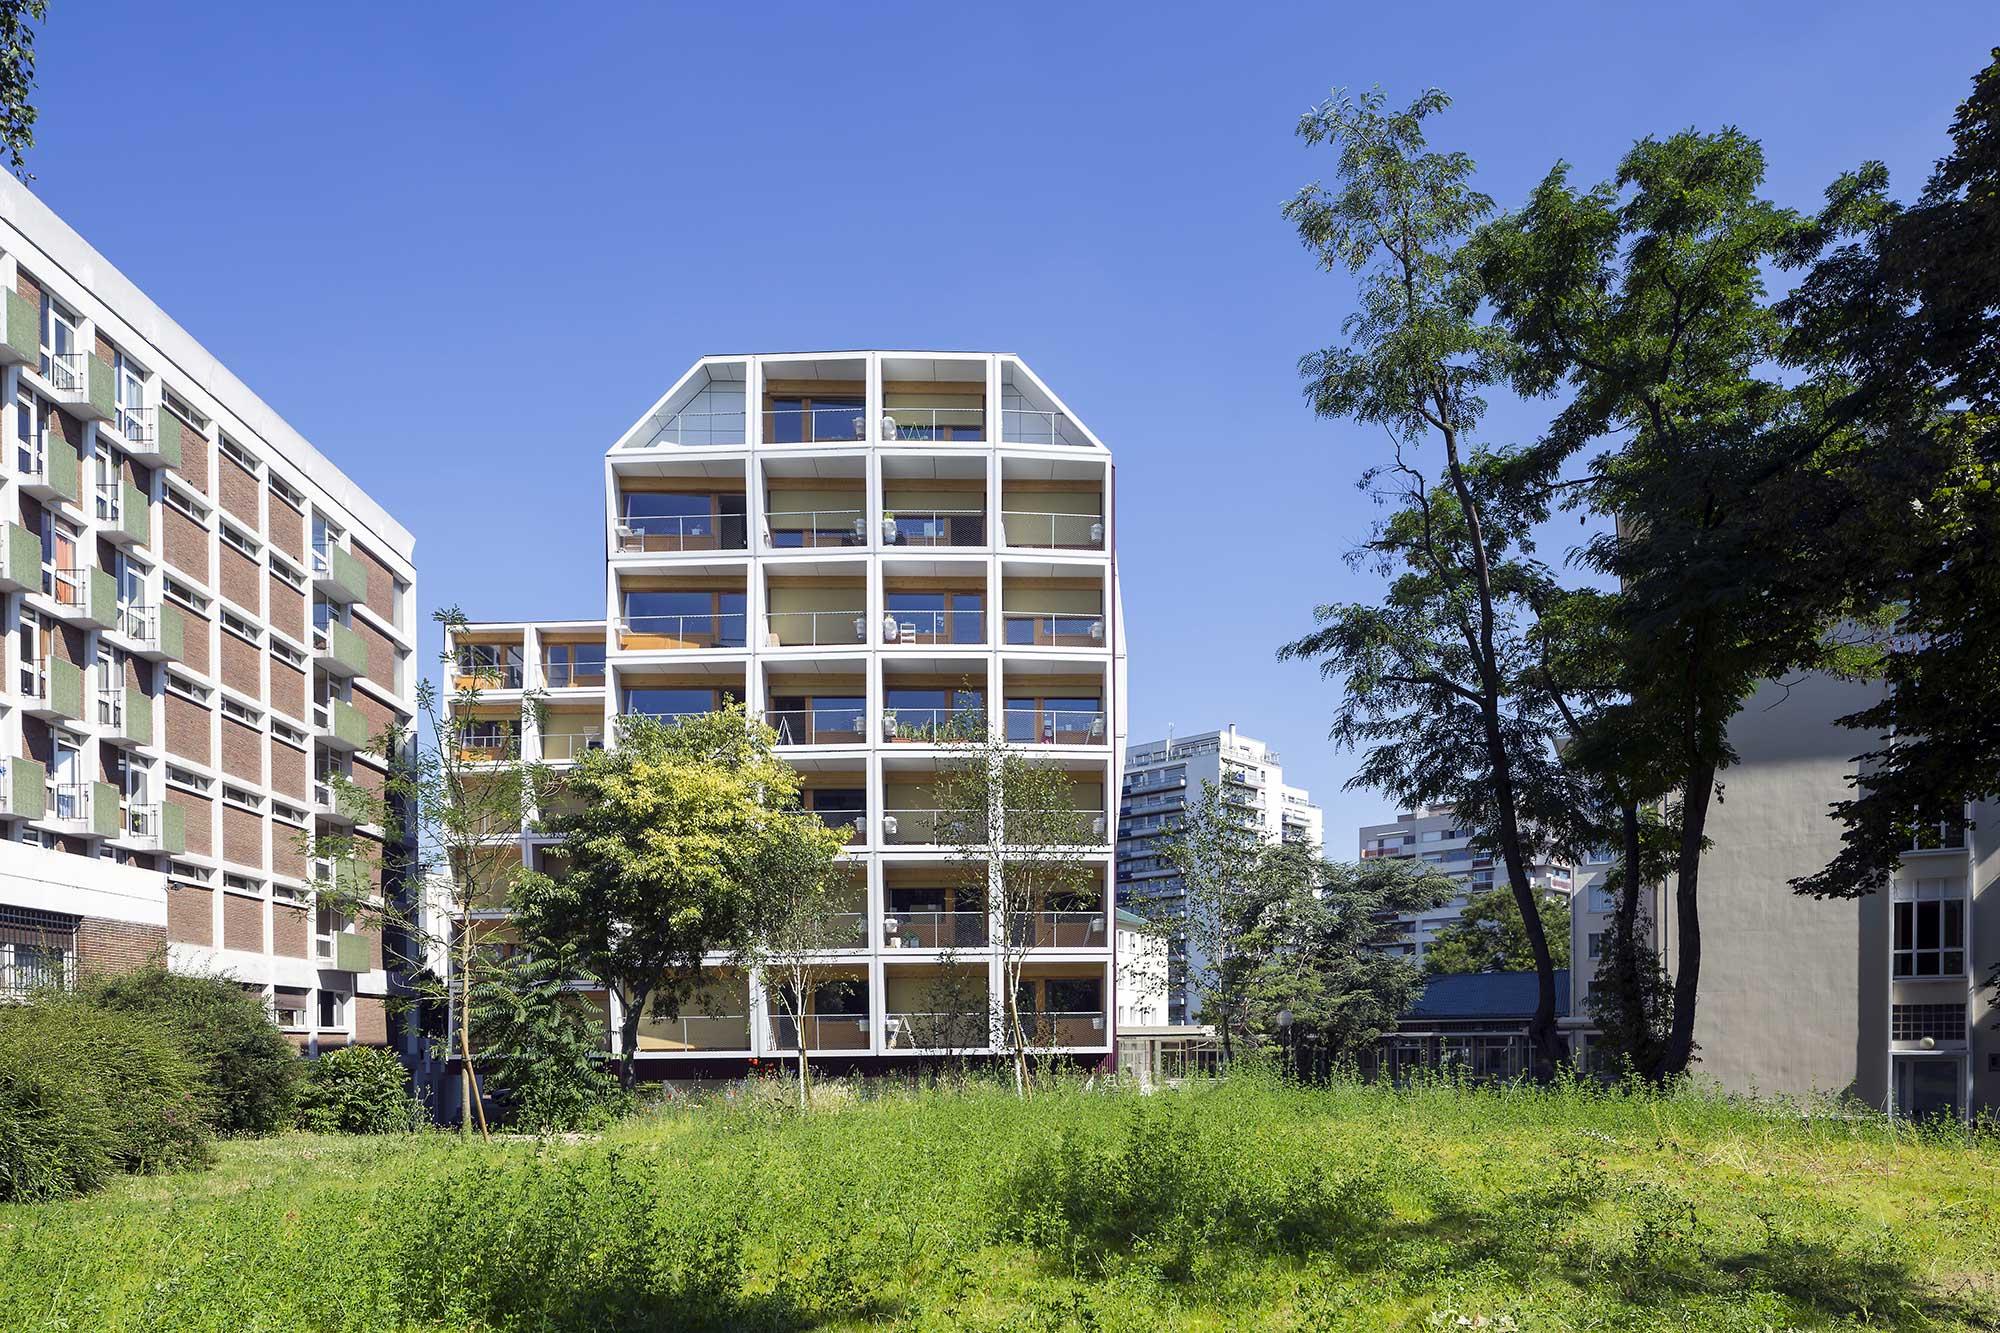 Maison de L'inde, cité internationale universitaire, Paris.